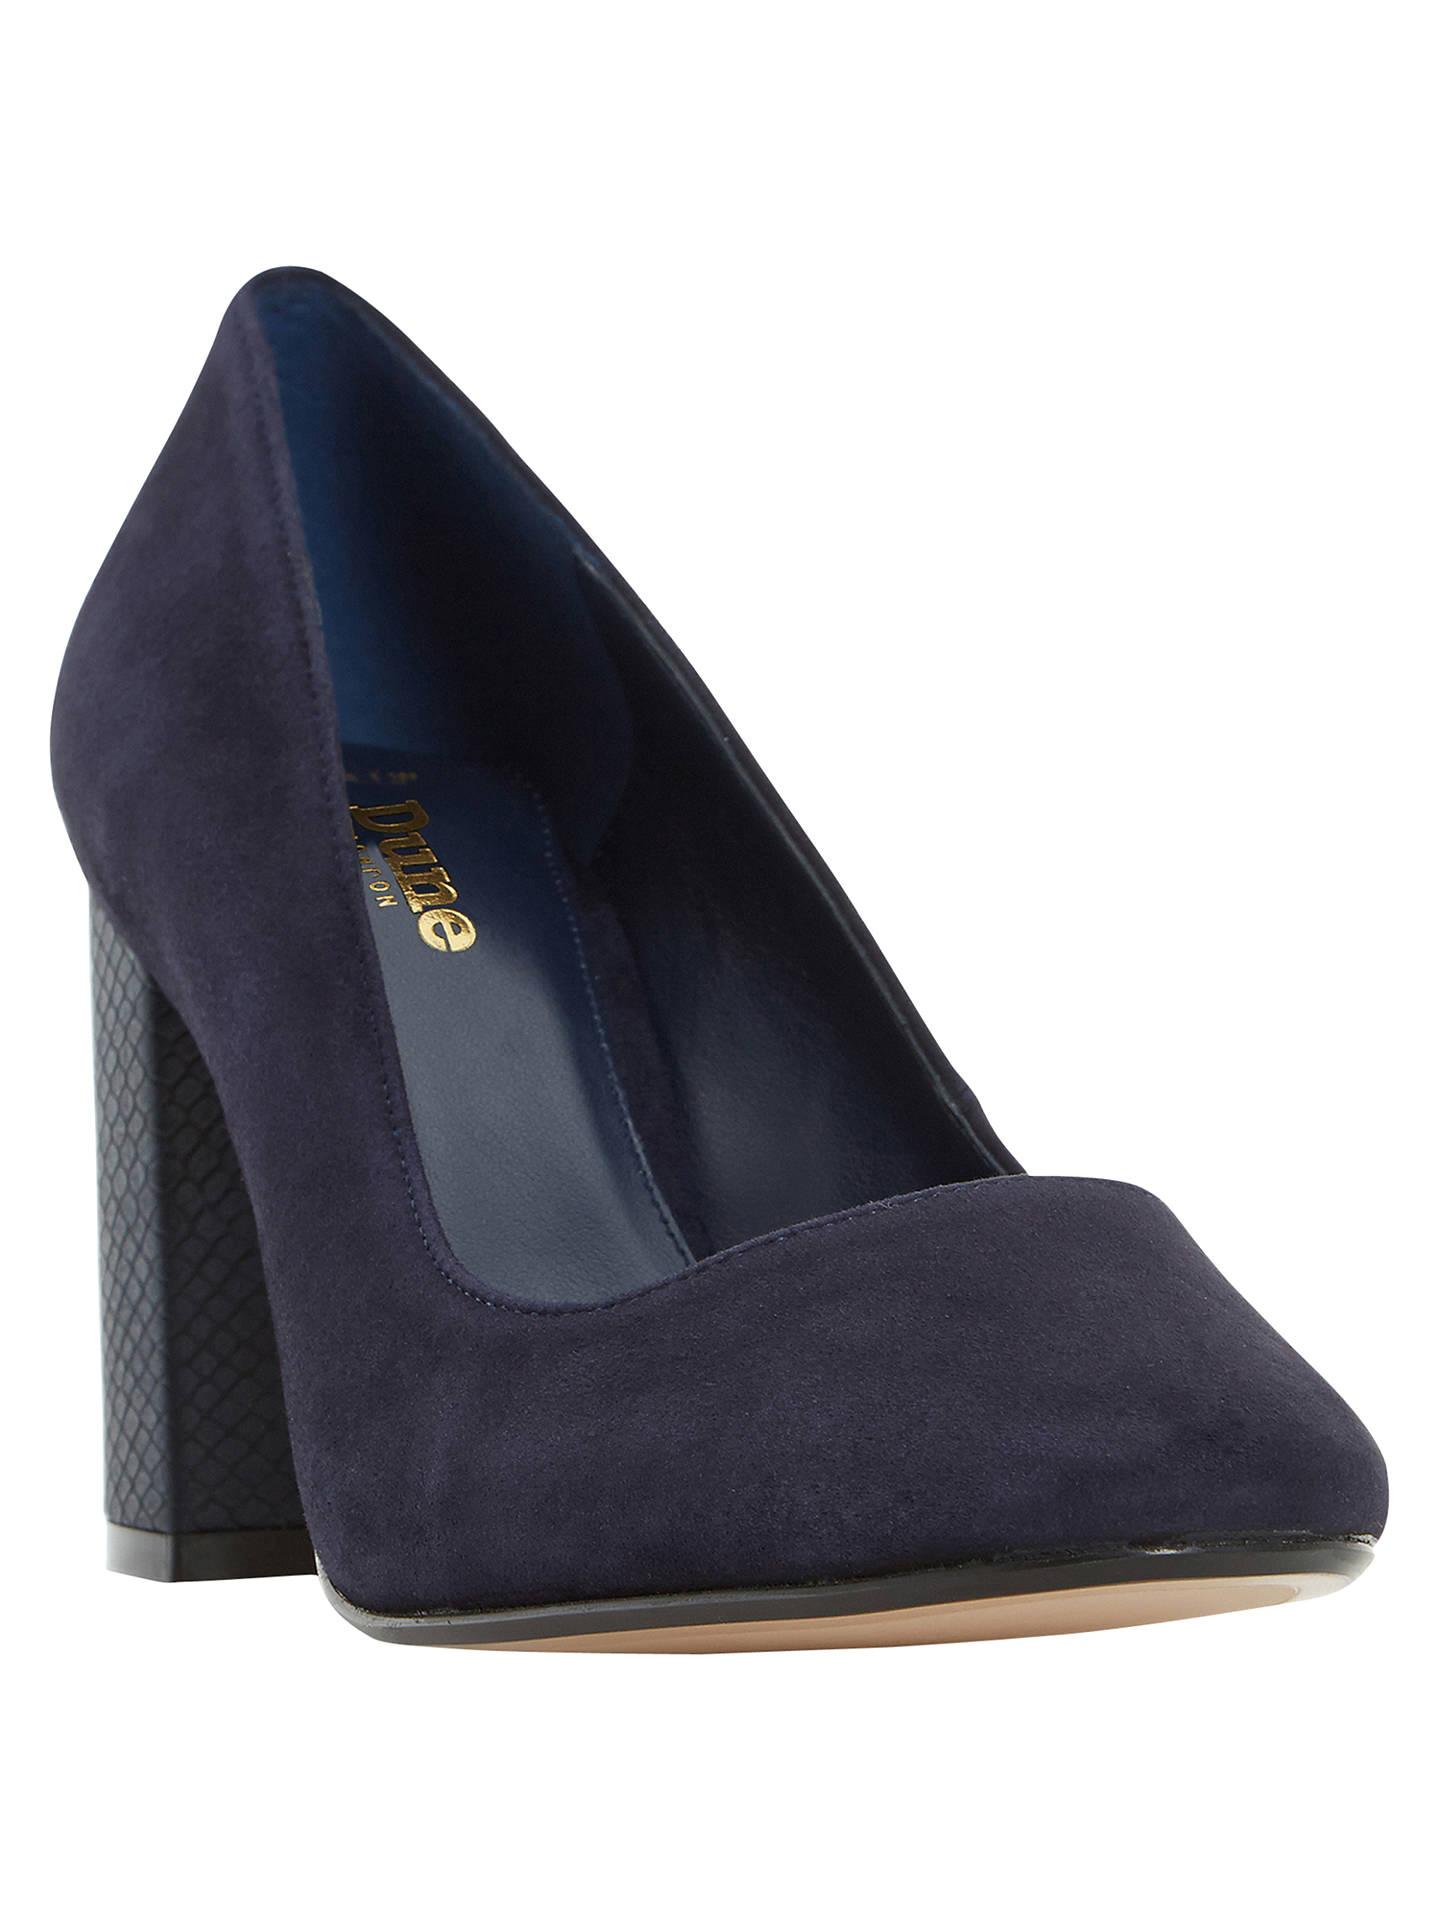 8c8c48a89 Buy Dune Wide Fit Acapela Block Heeled Court Shoes